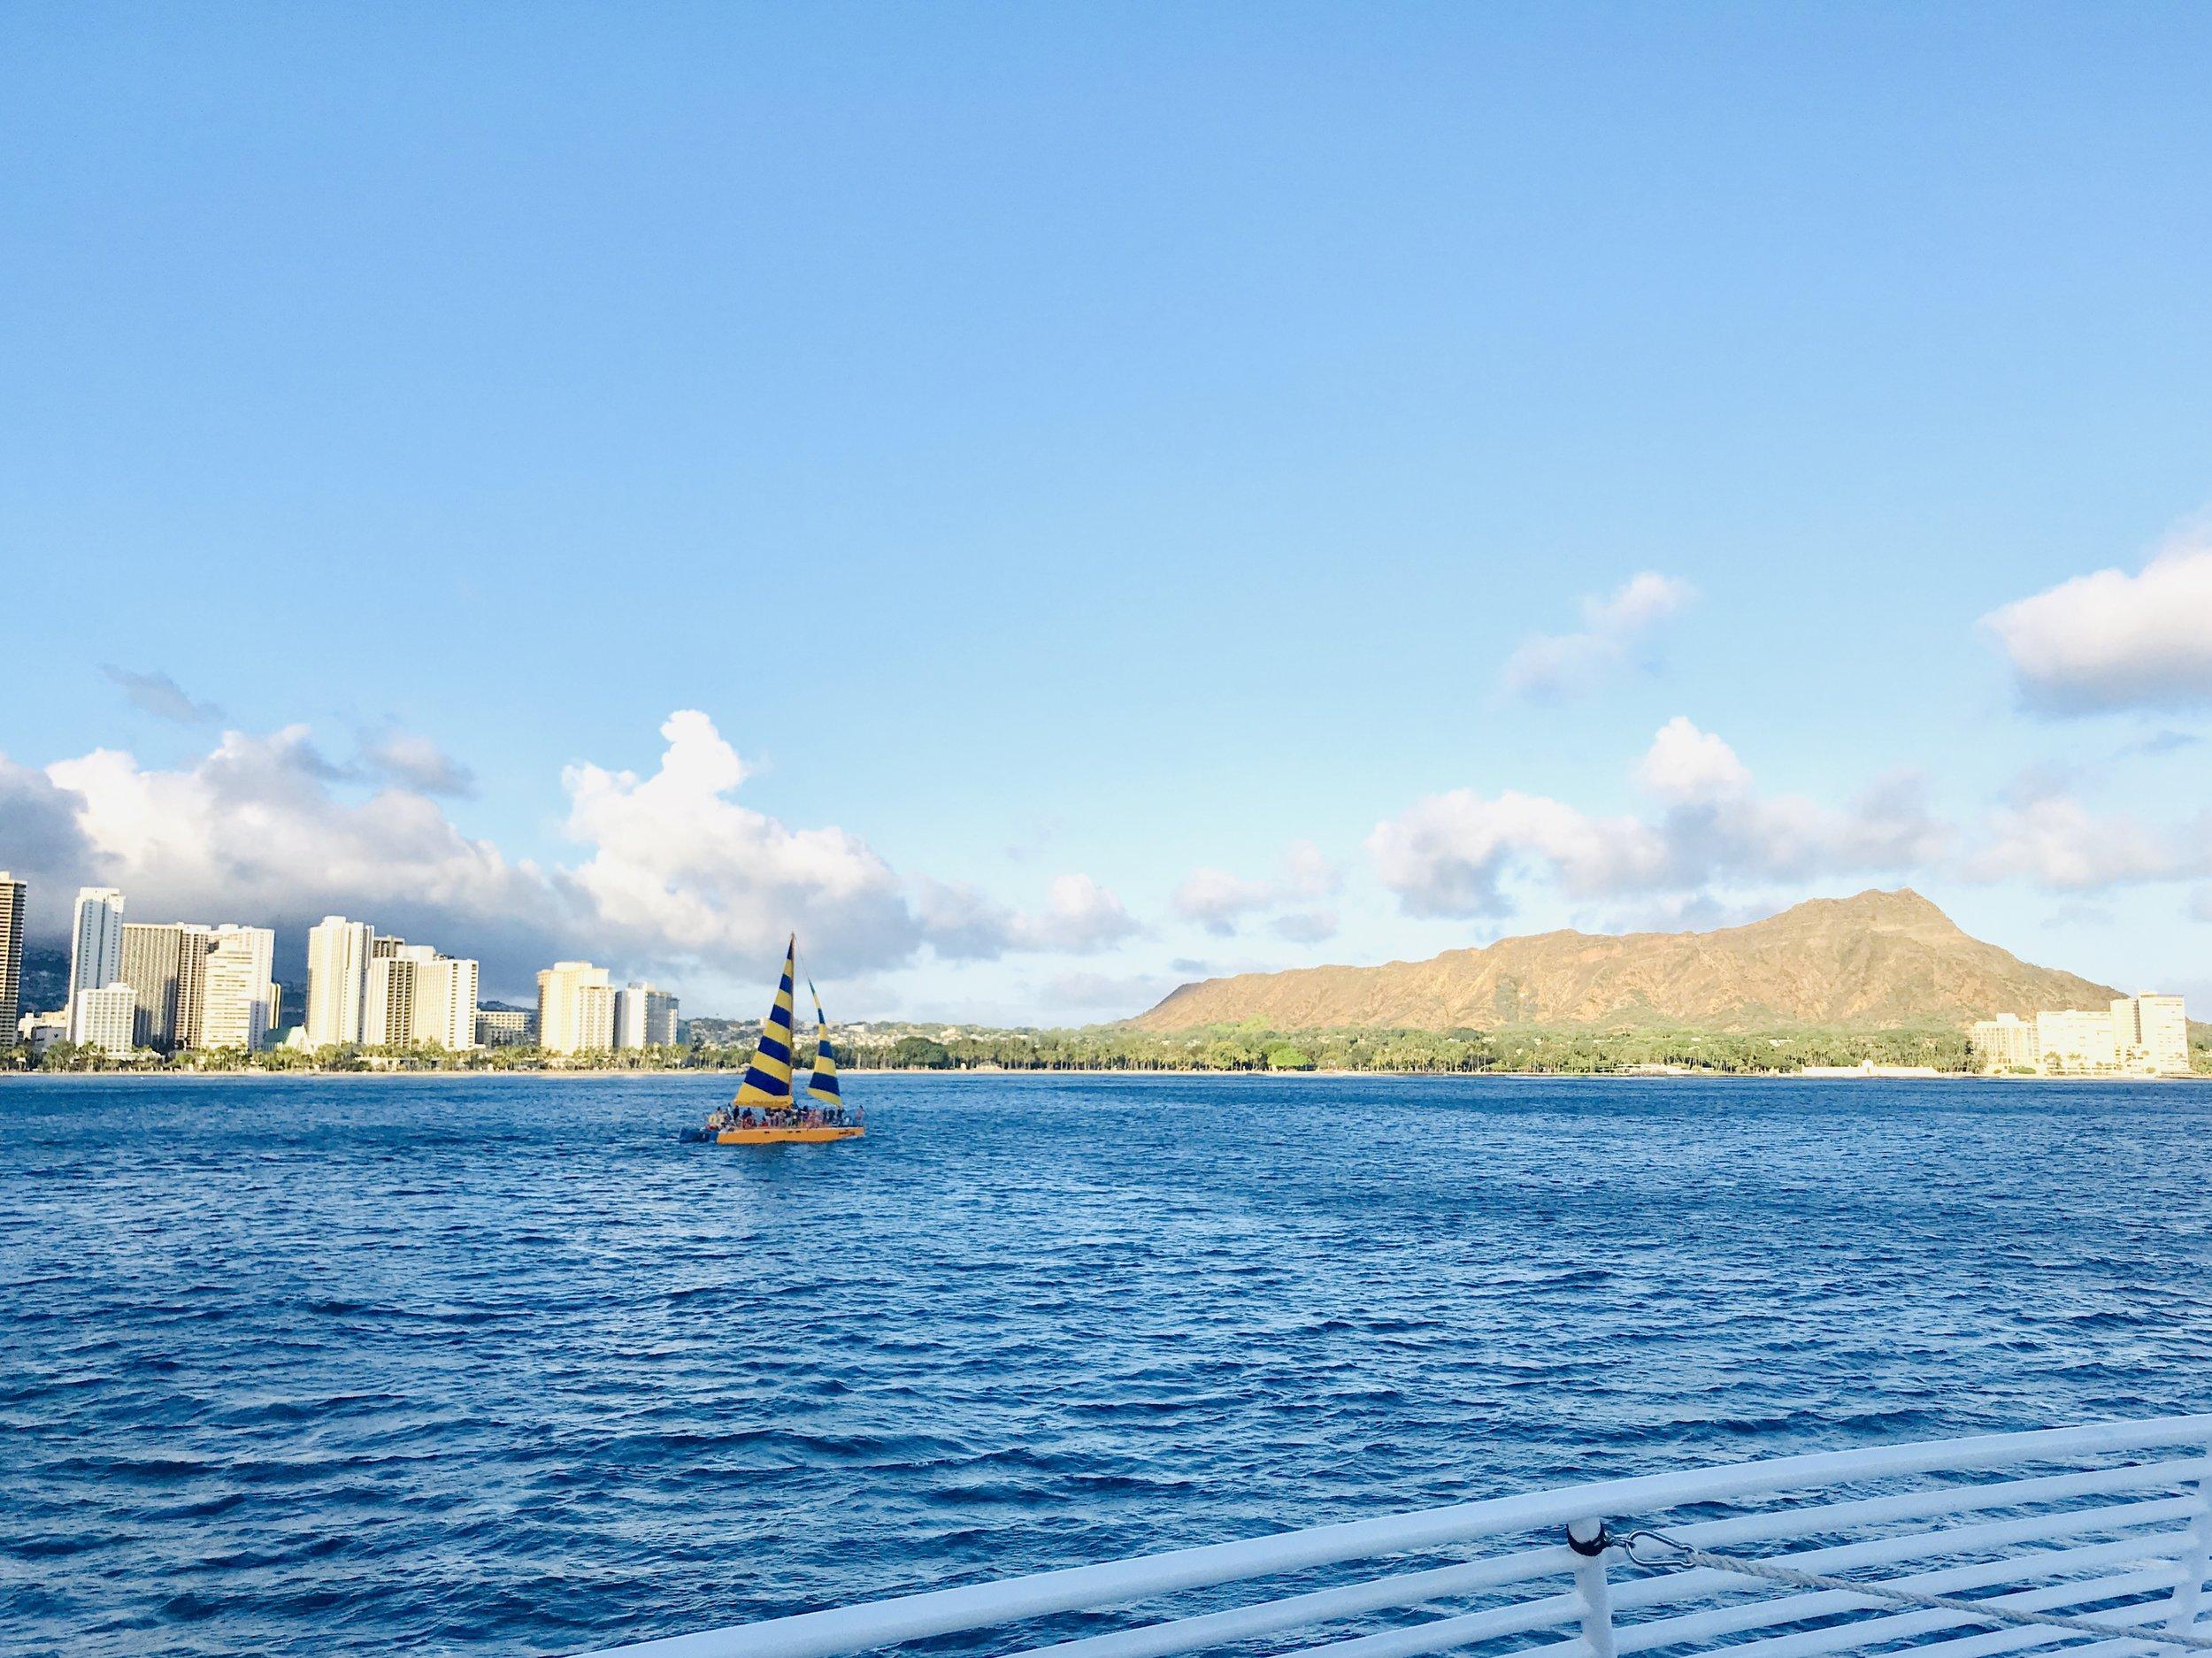 Waikiki Beach & Diamond Head, Honolulu, Oahu, Hawaii